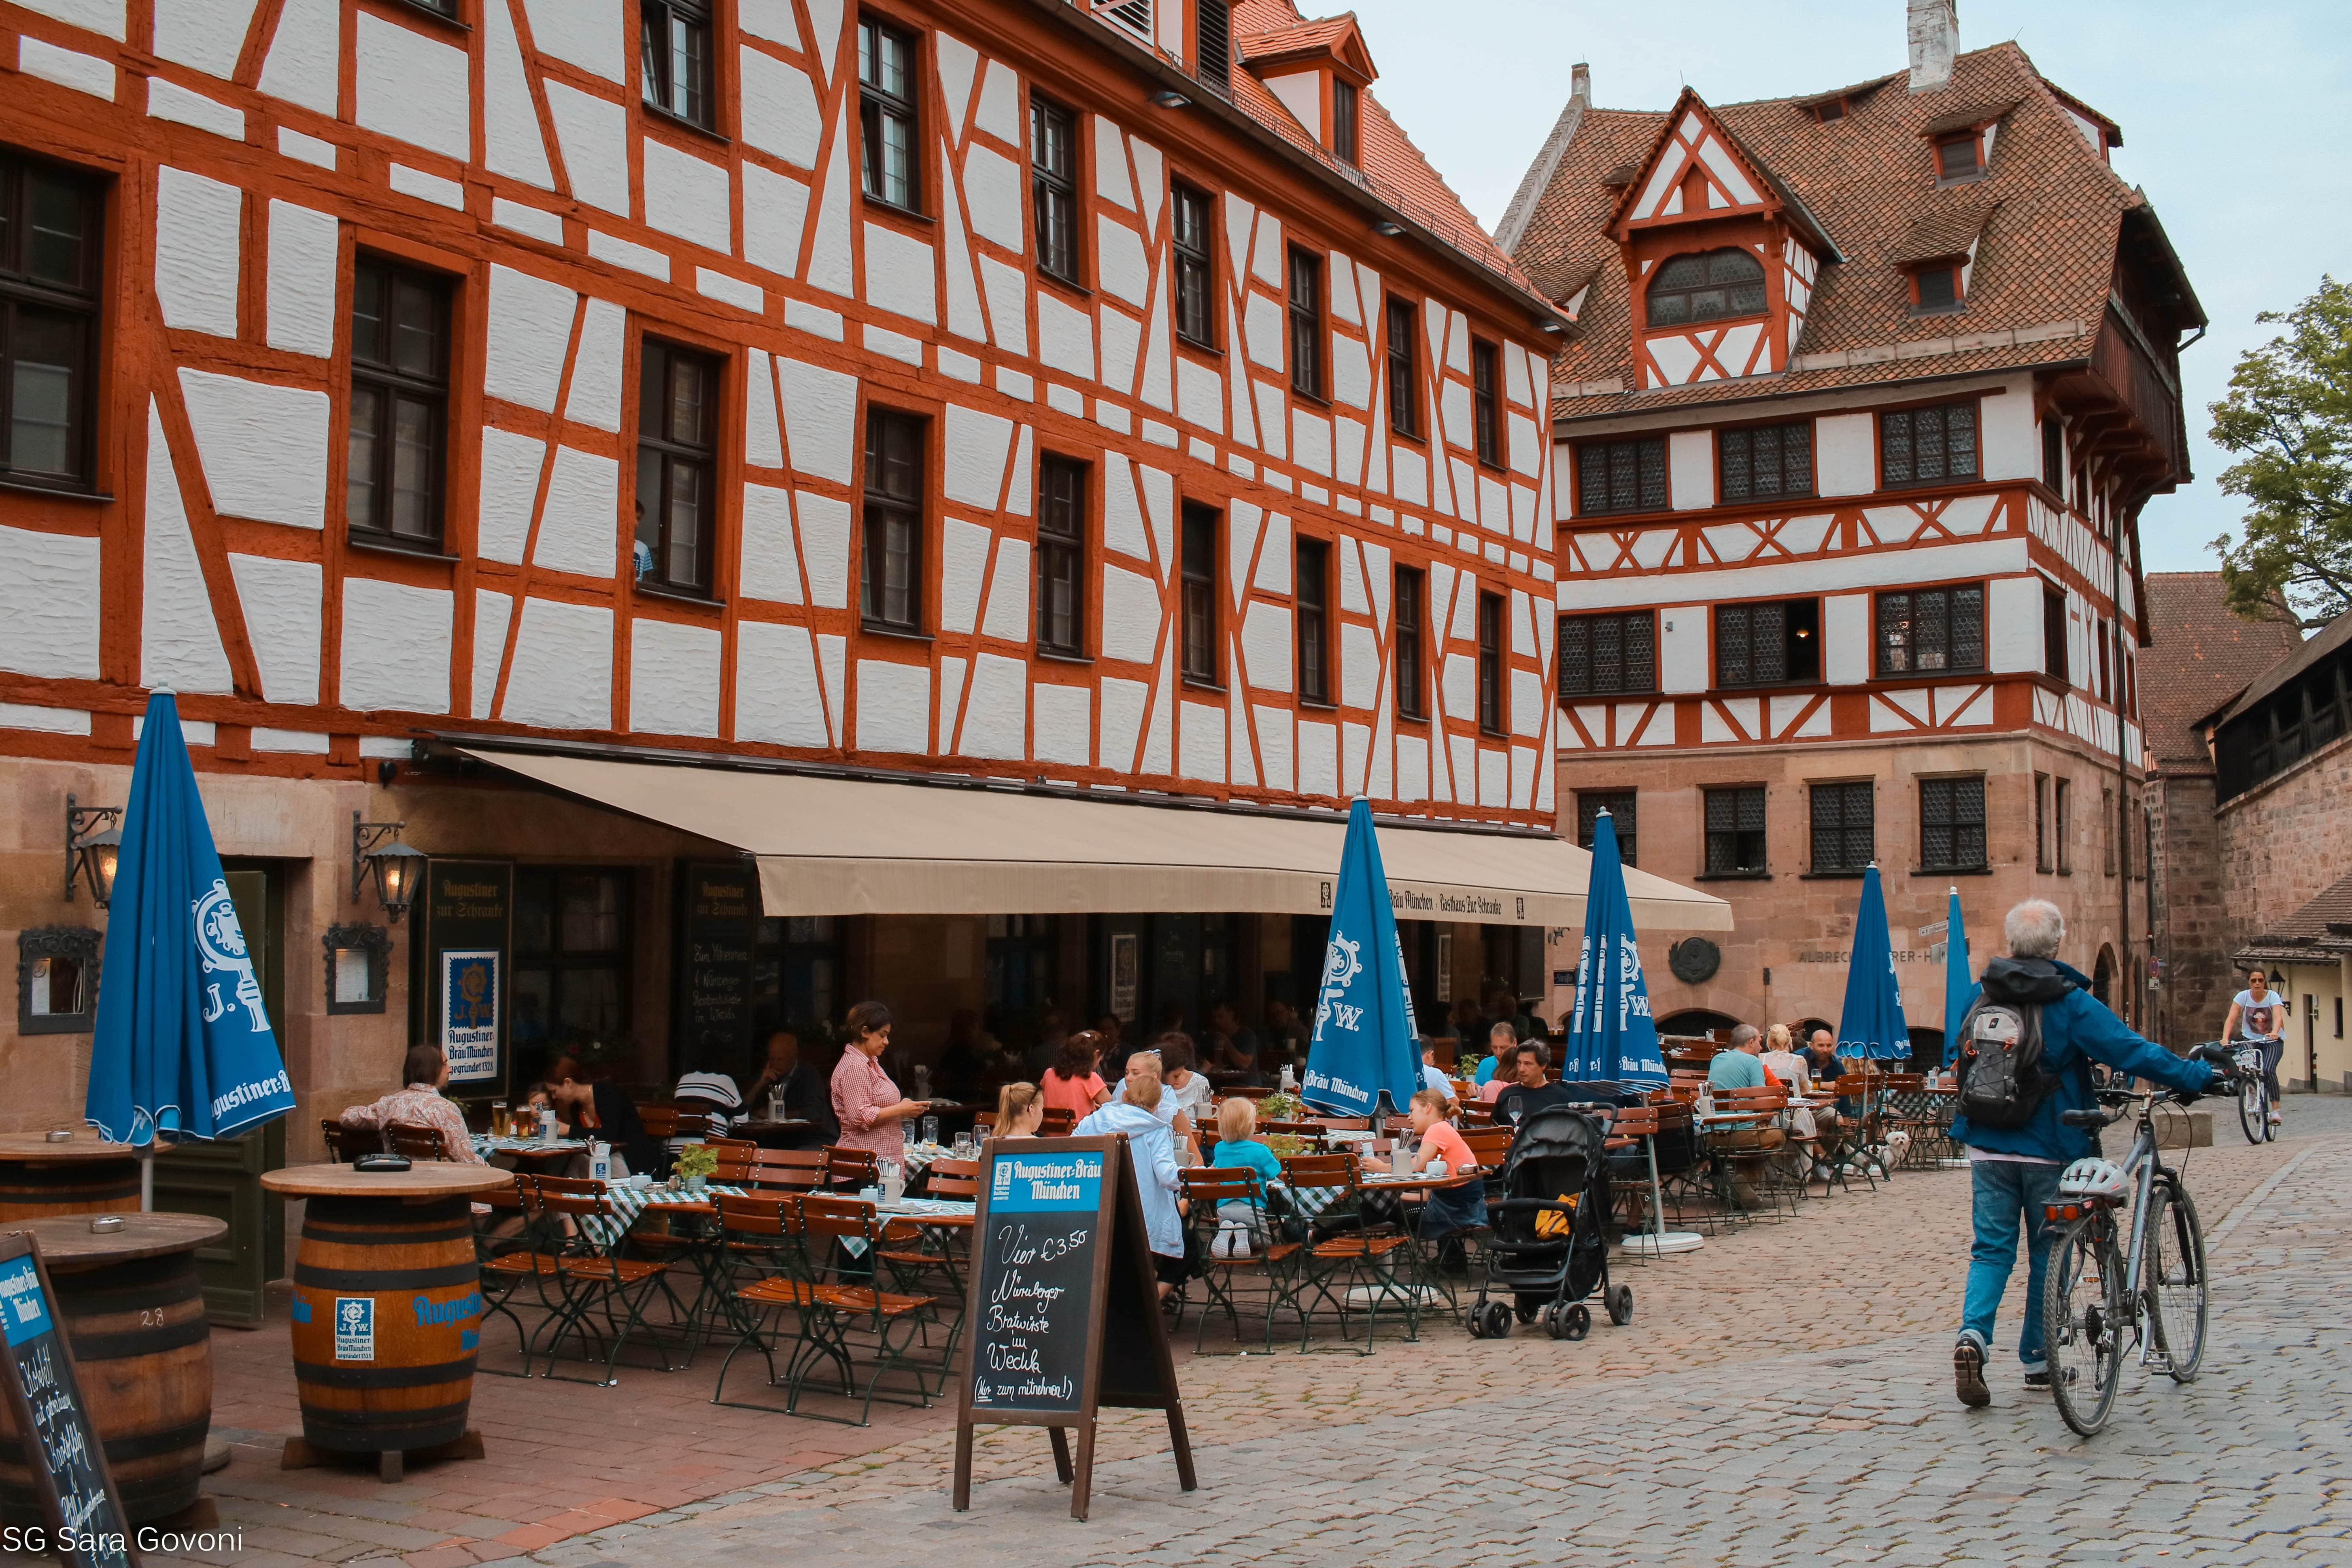 Cosa vedere a Norimberga in un giorno:  L'edificio a destra è la casa di Durer